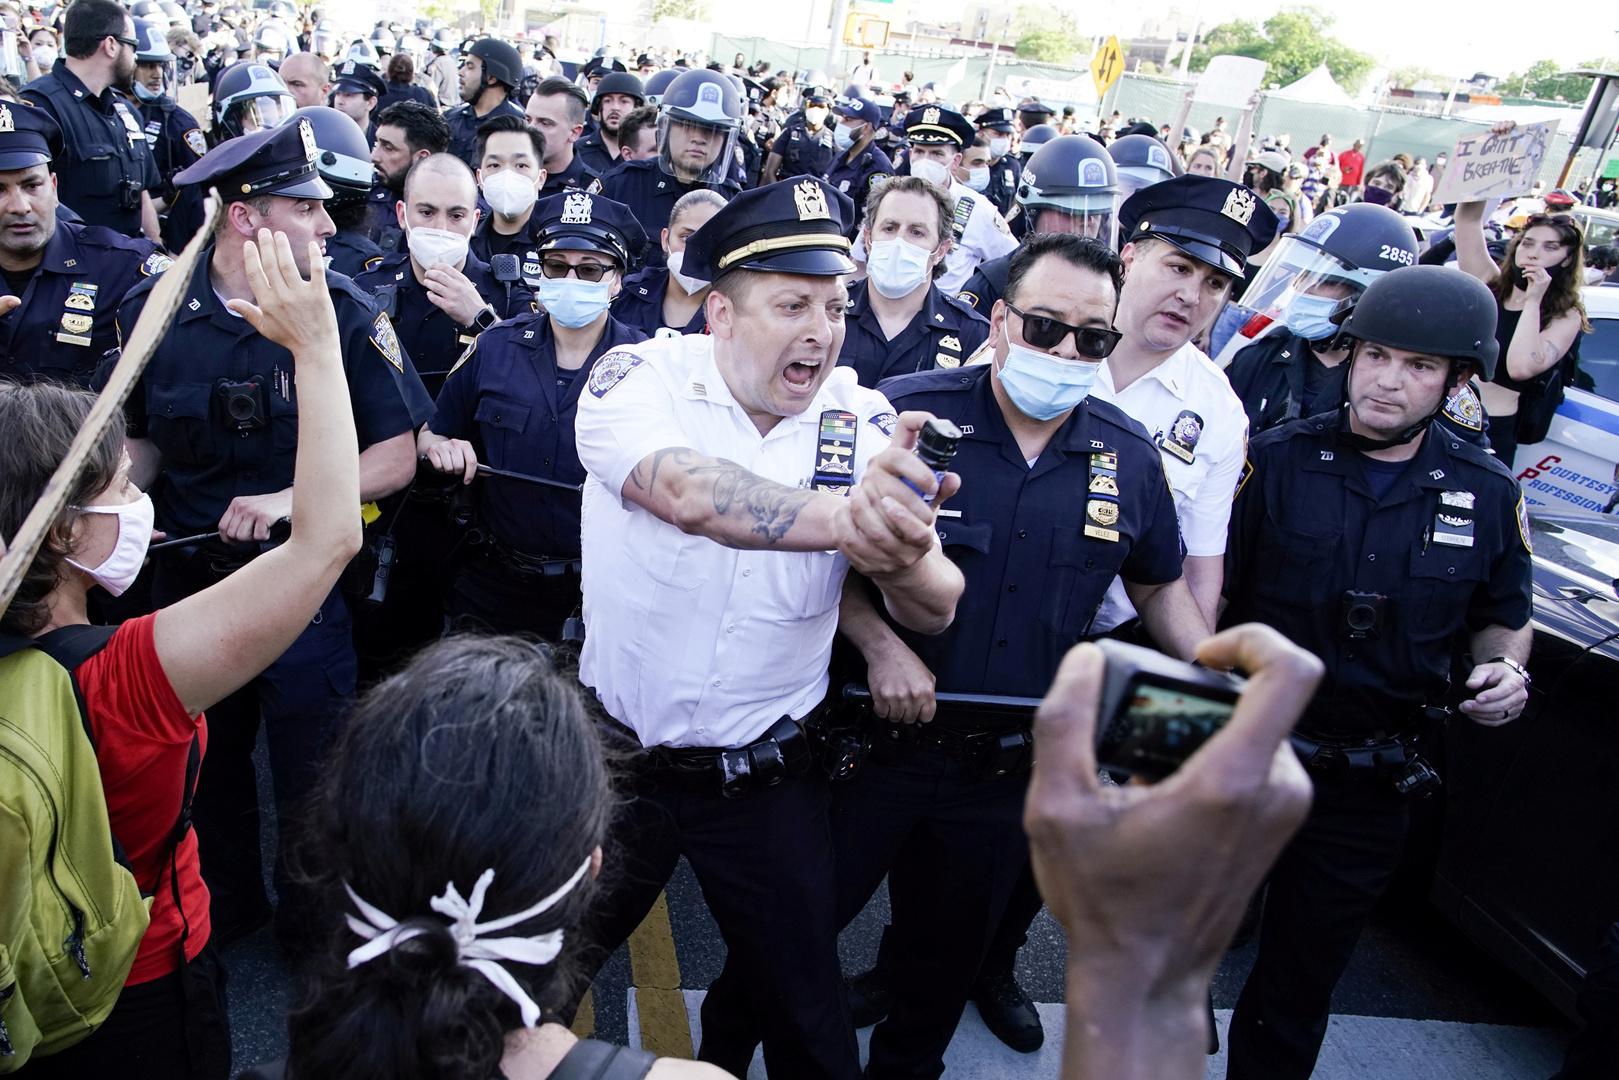 عودة الاحتجاجات والاضطرابات إلى الولايات المتحدة رغم تهديد ترامب باستخدام القوة العسكرية (صور)